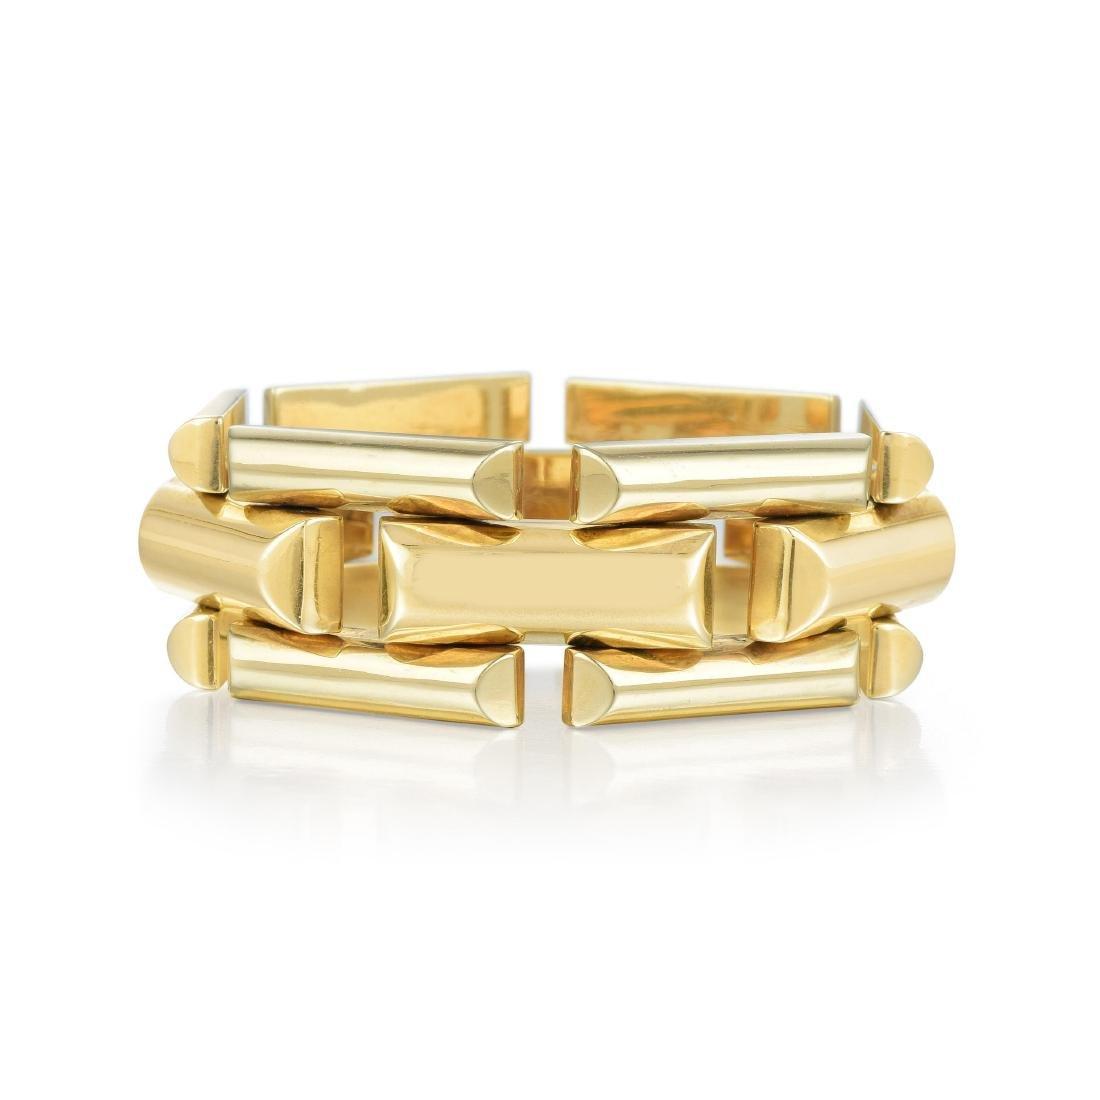 A Large Link Gold Bracelet